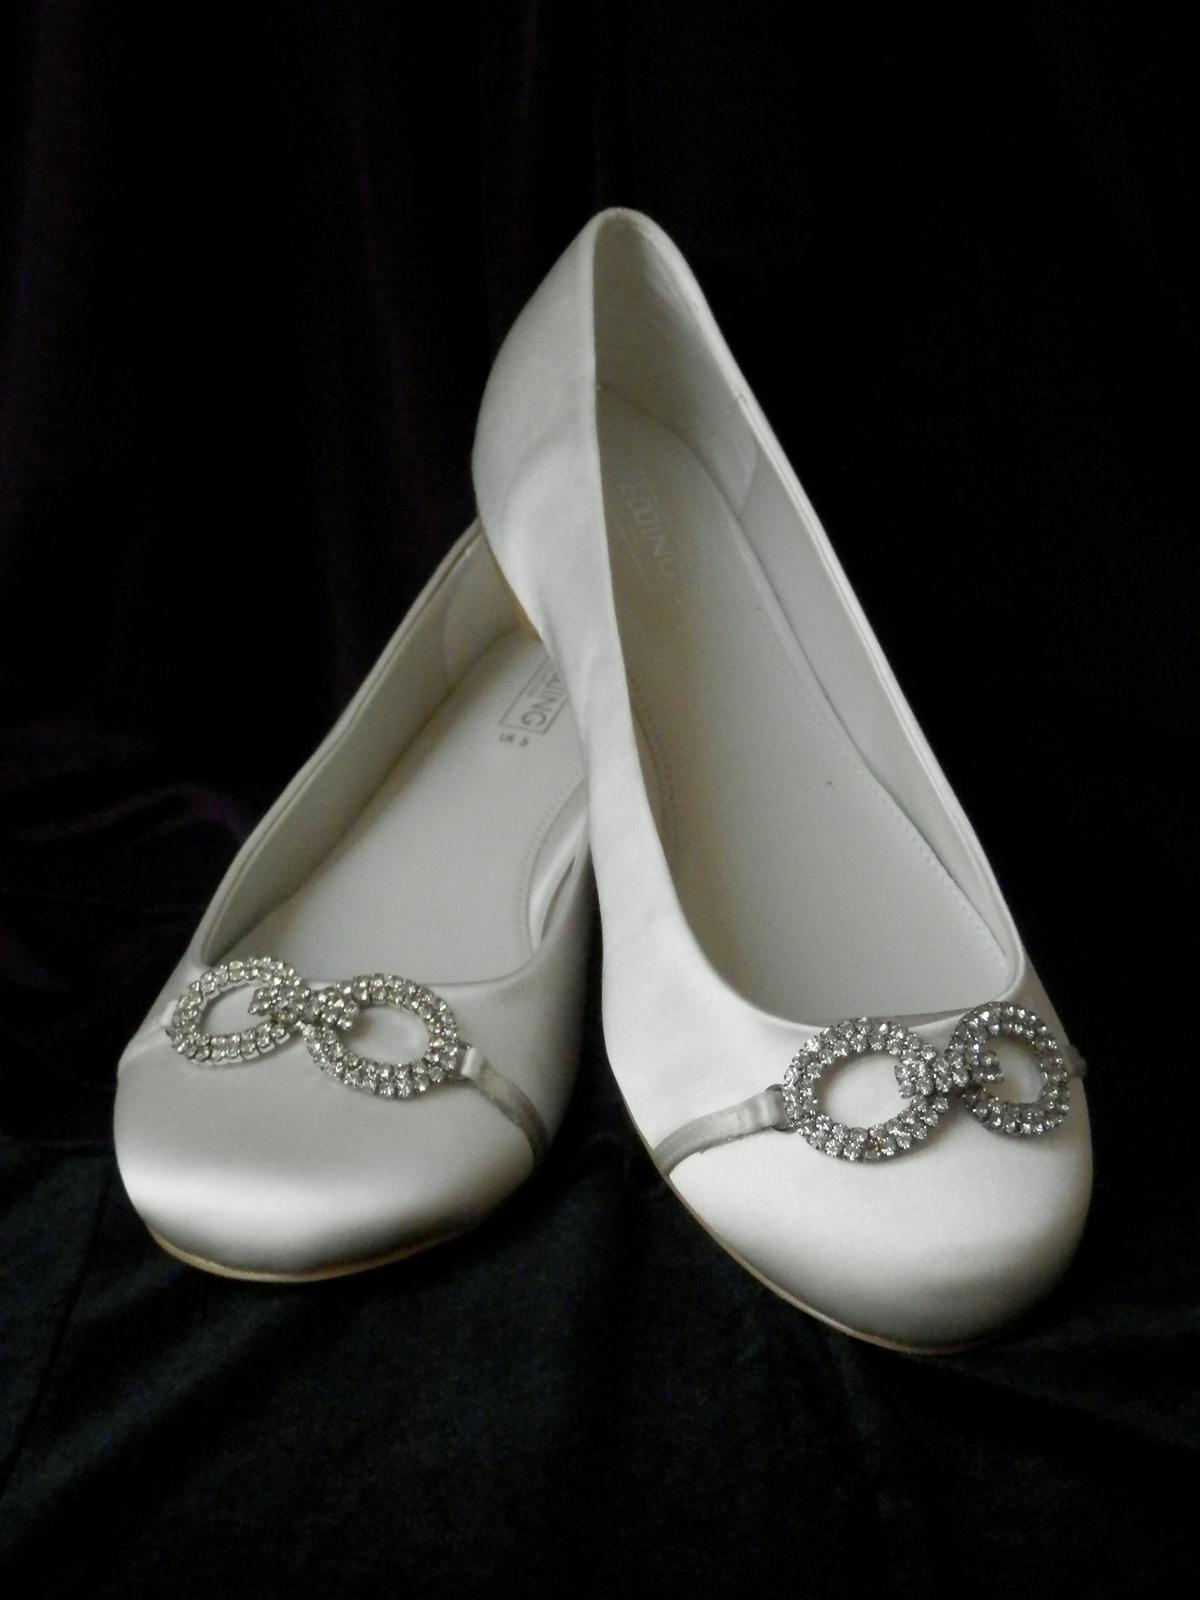 Svatební boty, bižuterie, závoje - Obrázek č. 1